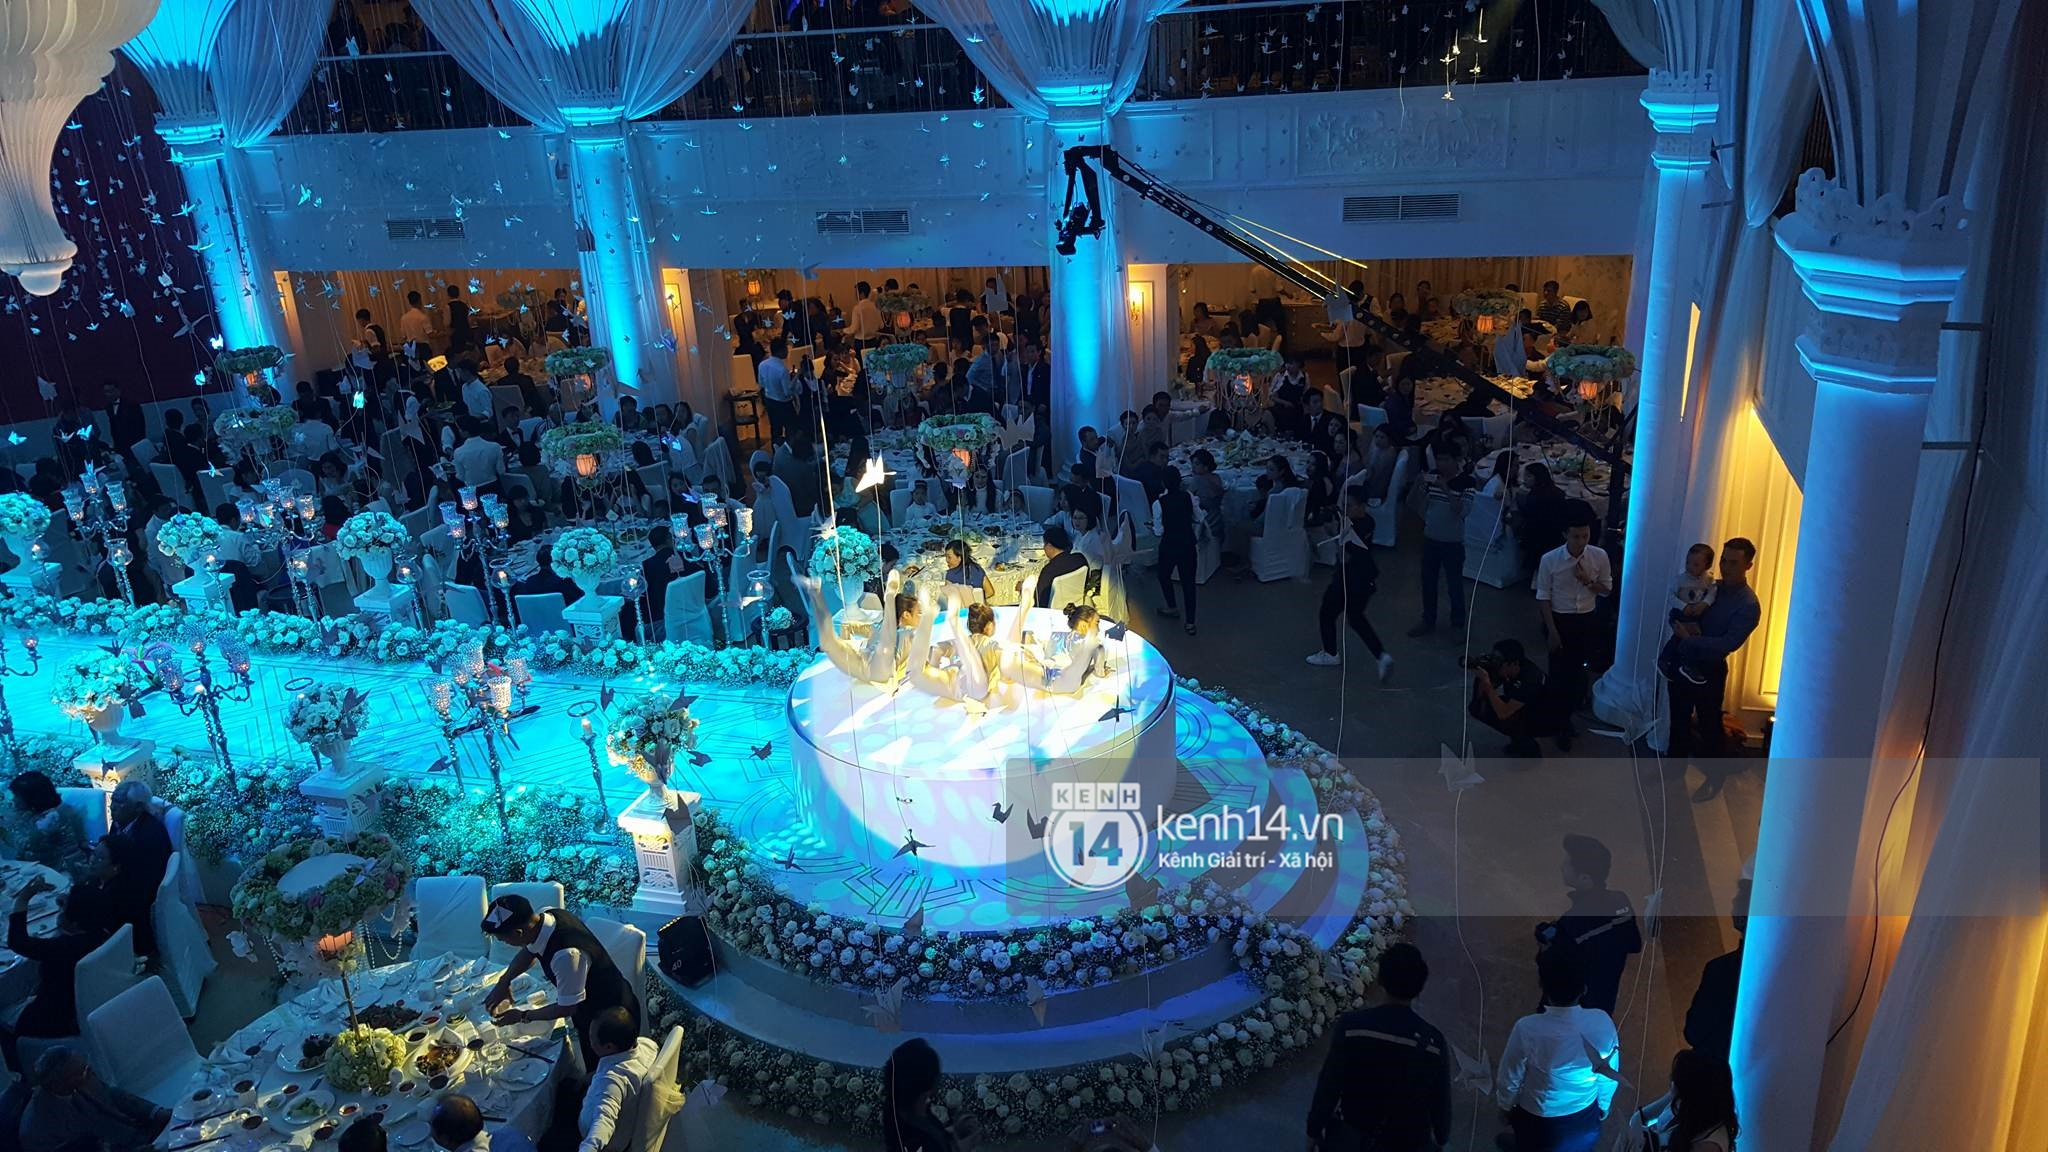 Đám cưới MC Mai Ngọc: Không gian lộng lẫy, cầu kỳ, xứng đáng là đám cưới sang chảnh nhất Hà Nội hôm nay - Ảnh 25.